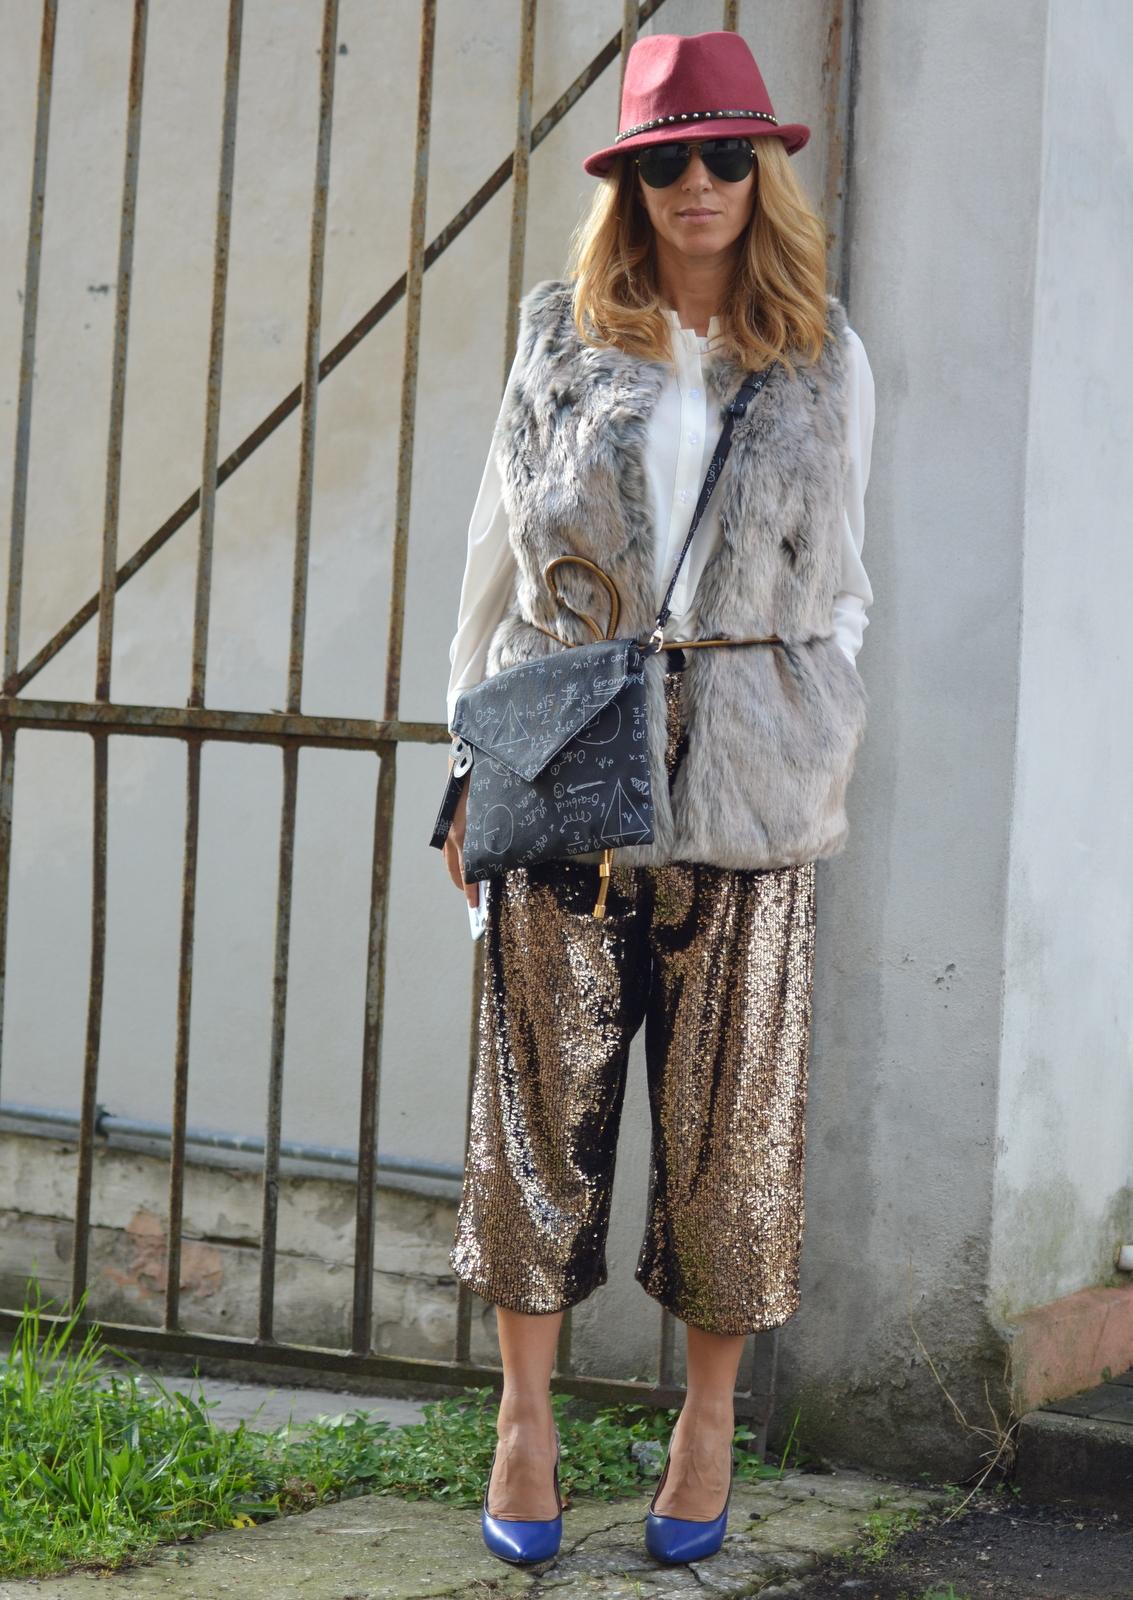 pants Liviana Conti (3)